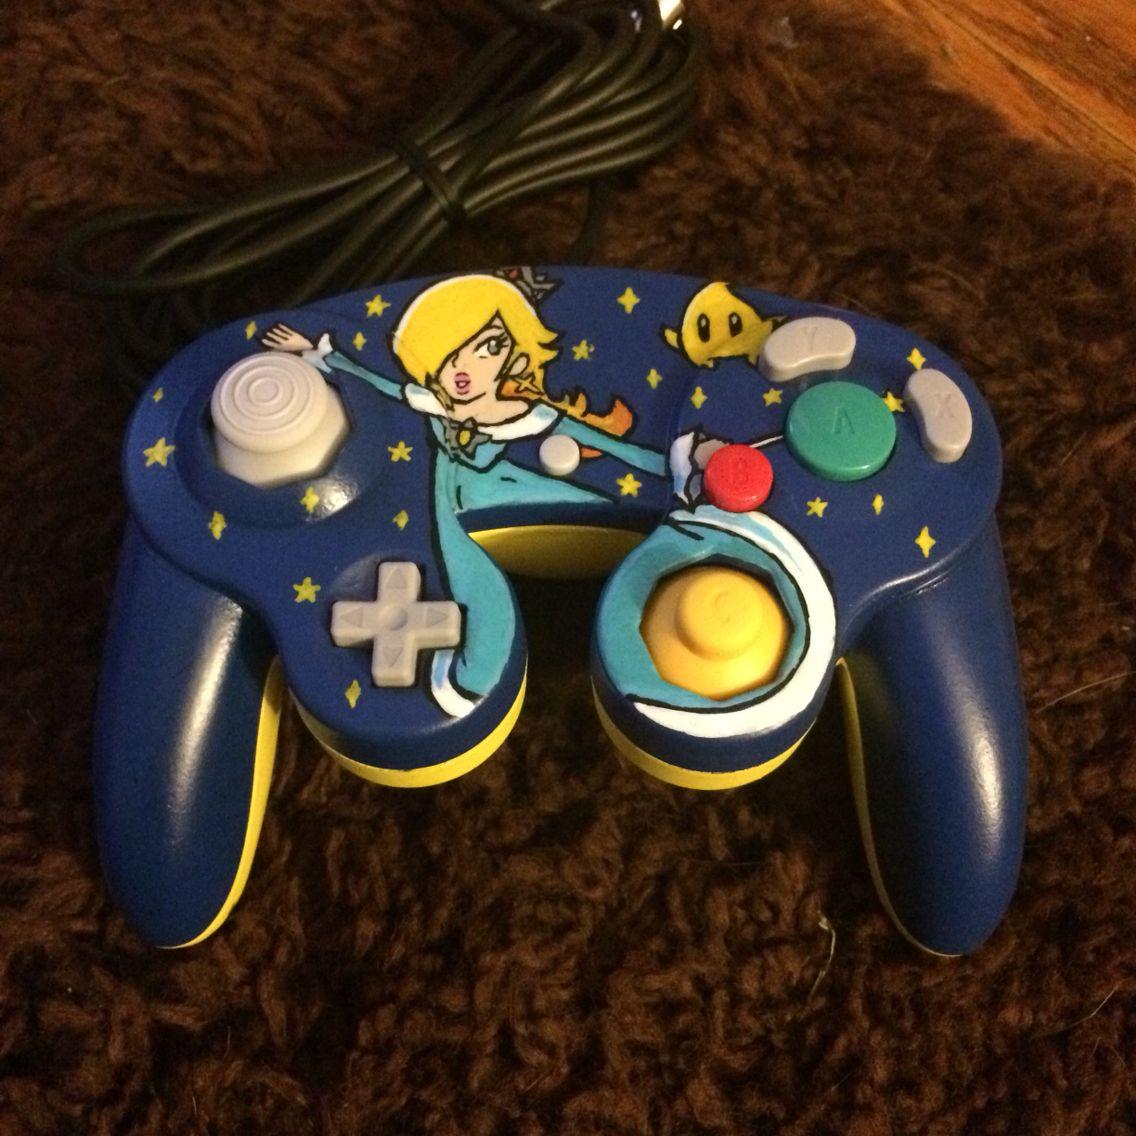 Customcontroller Nintendo Gamecube Rosalina Luma Mariogalaxy Smashbros Wiiu Gamecube Controller Video Game Controller Gaming Products